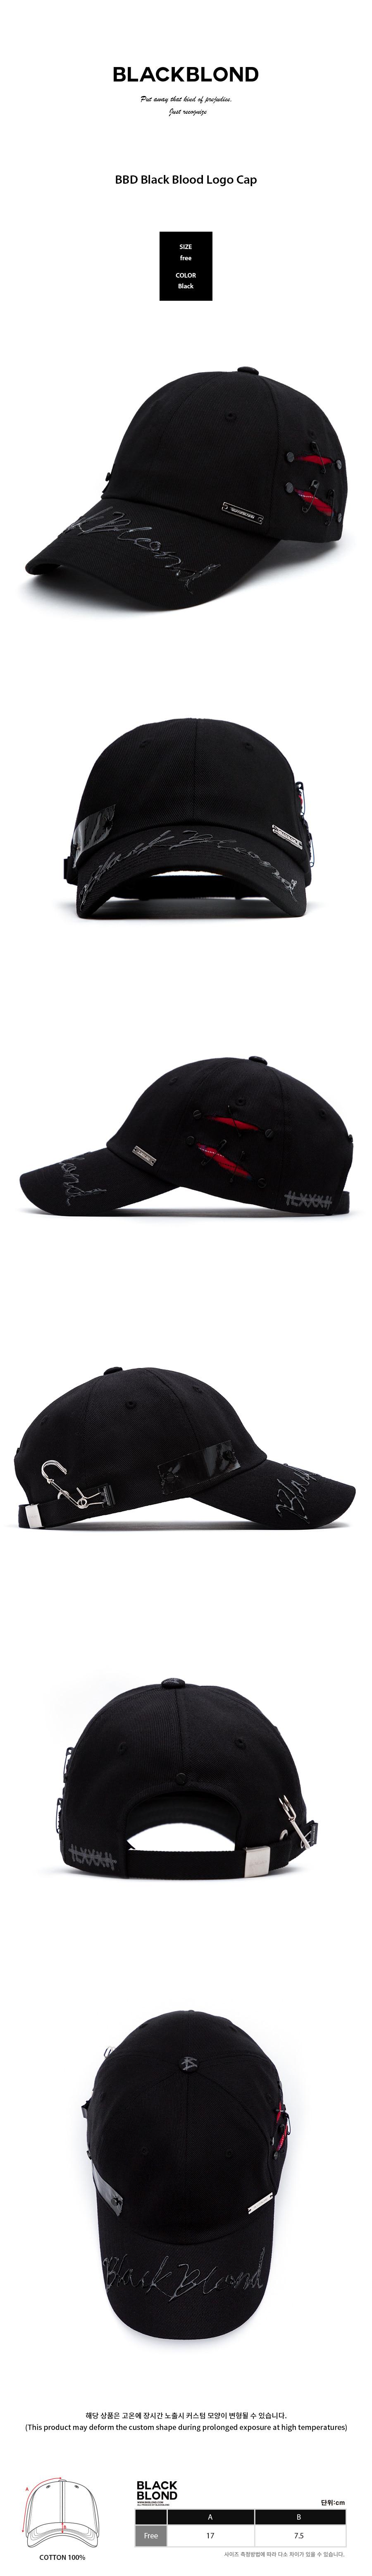 블랙블론드 BLACKBLOND - BBD Black Blood Logo Cap (Black)